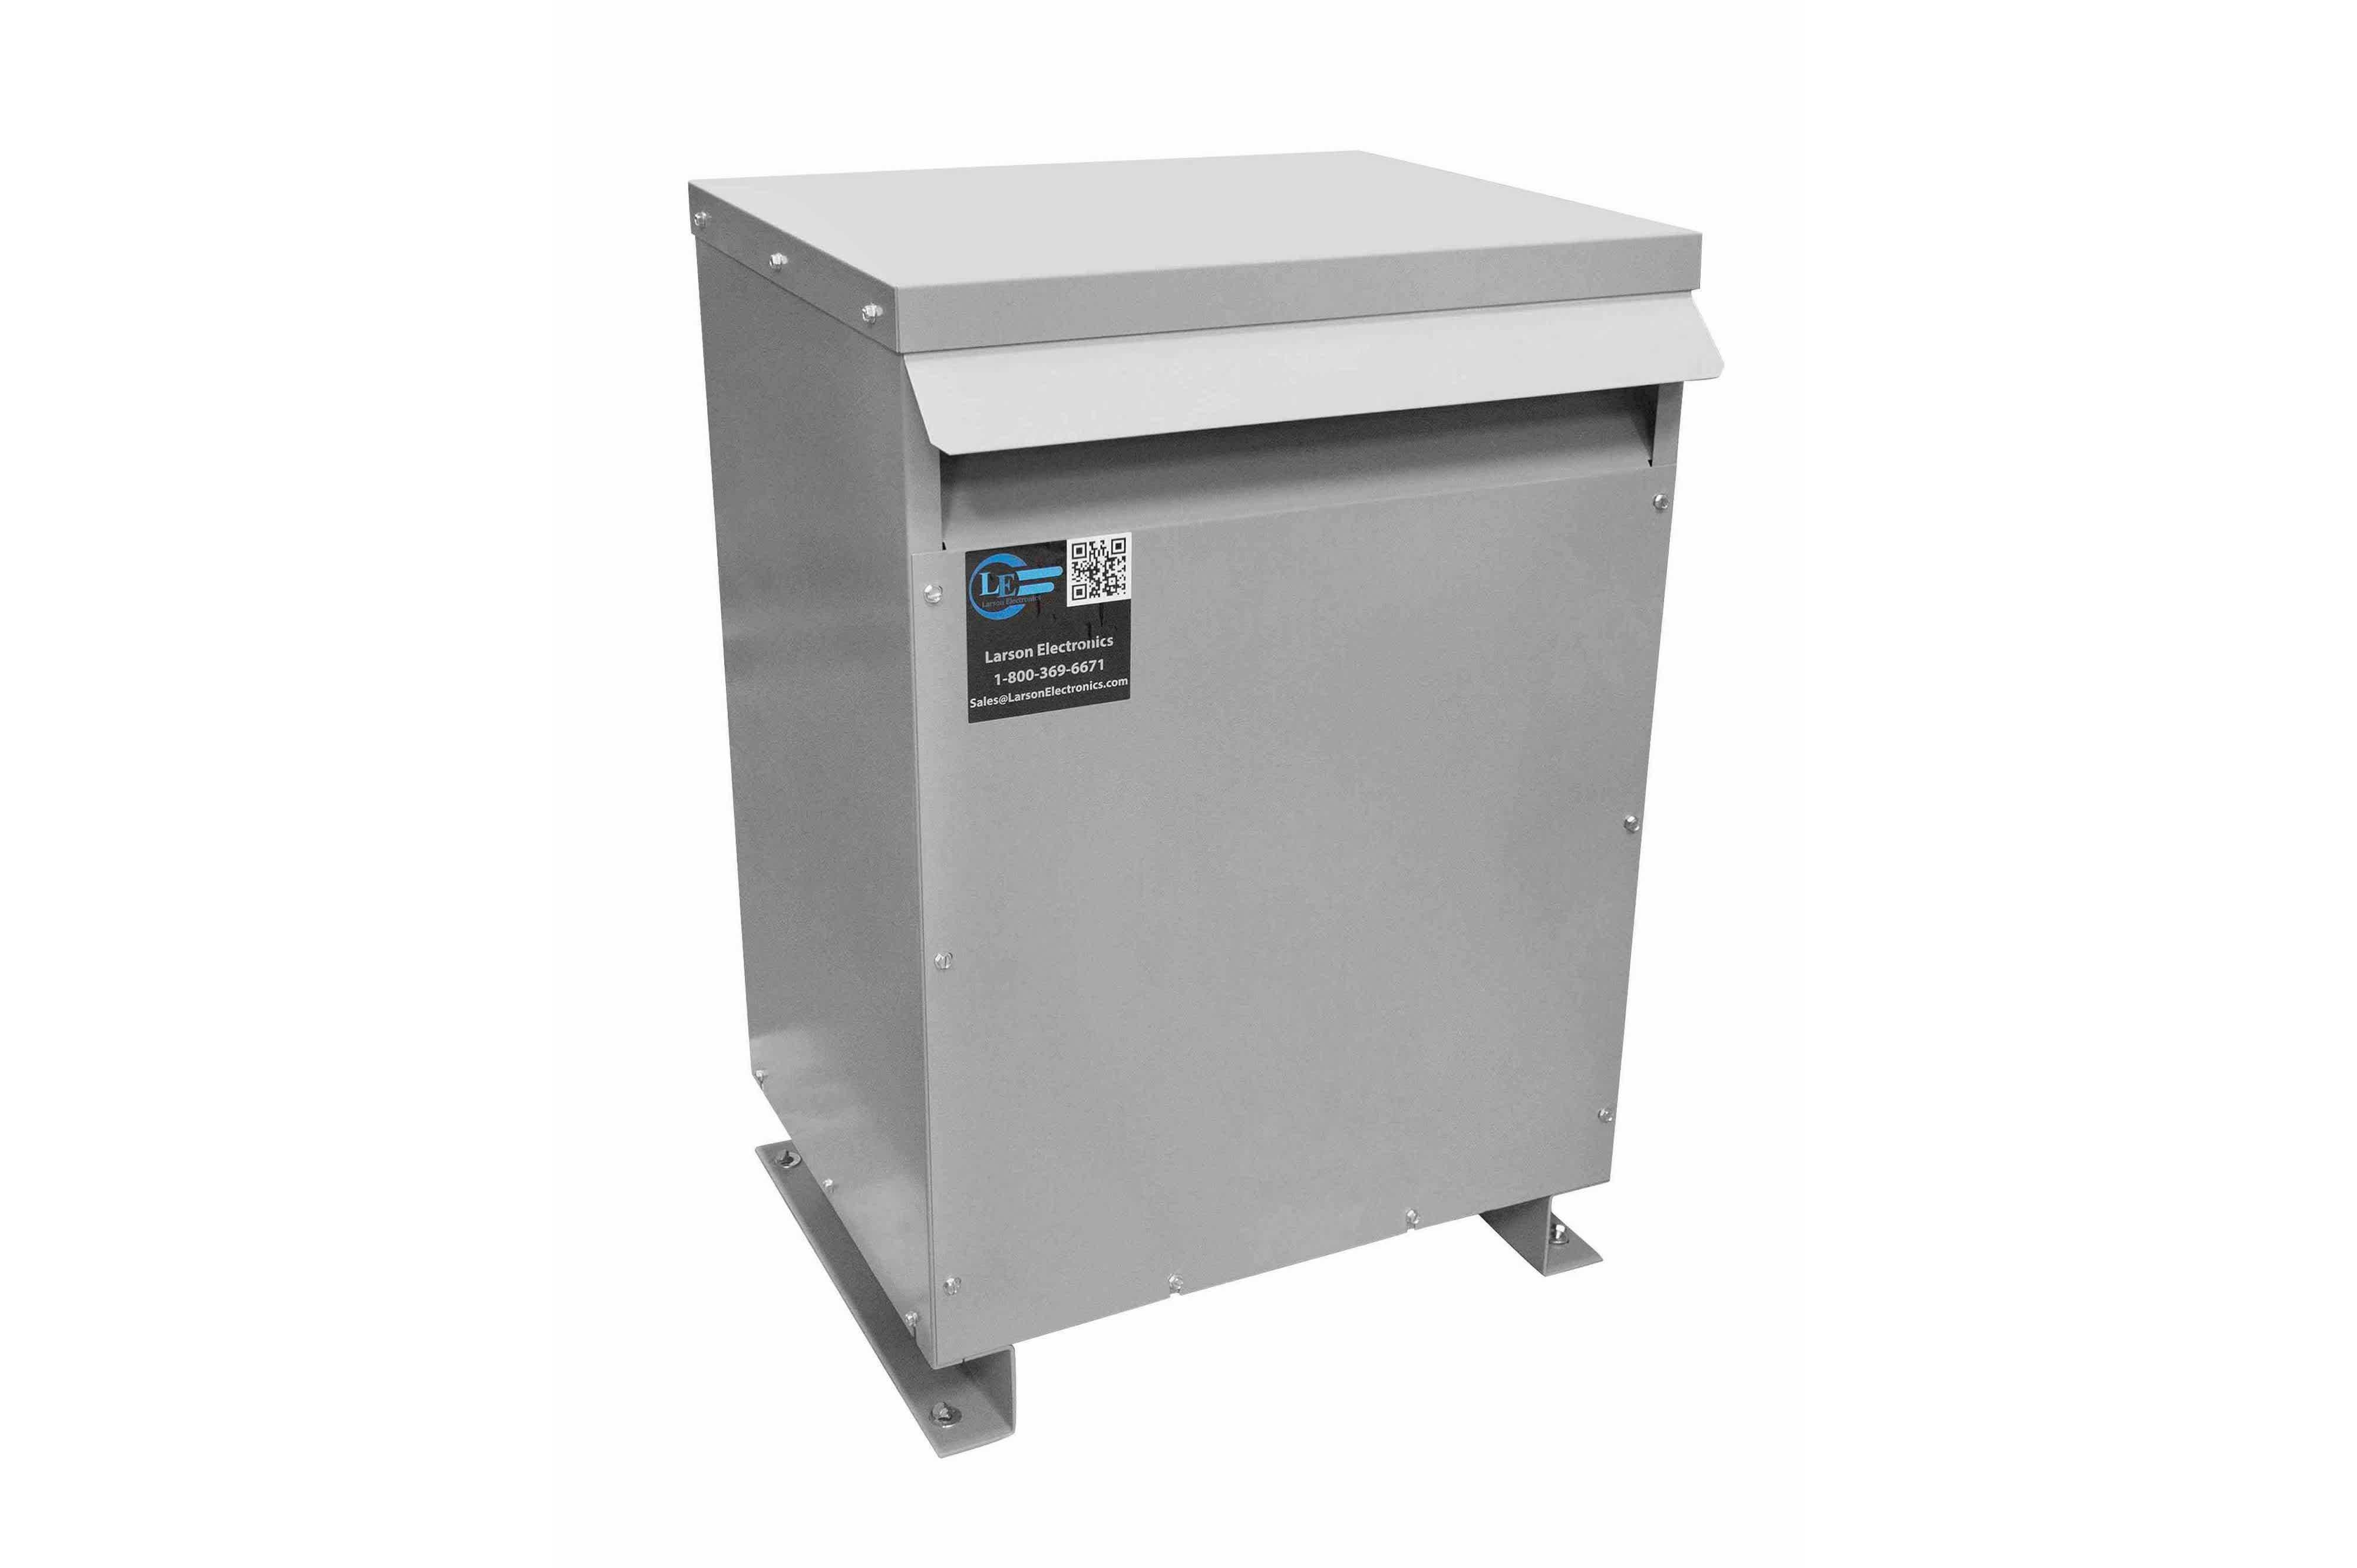 167 kVA 3PH Isolation Transformer, 480V Delta Primary, 208V Delta Secondary, N3R, Ventilated, 60 Hz